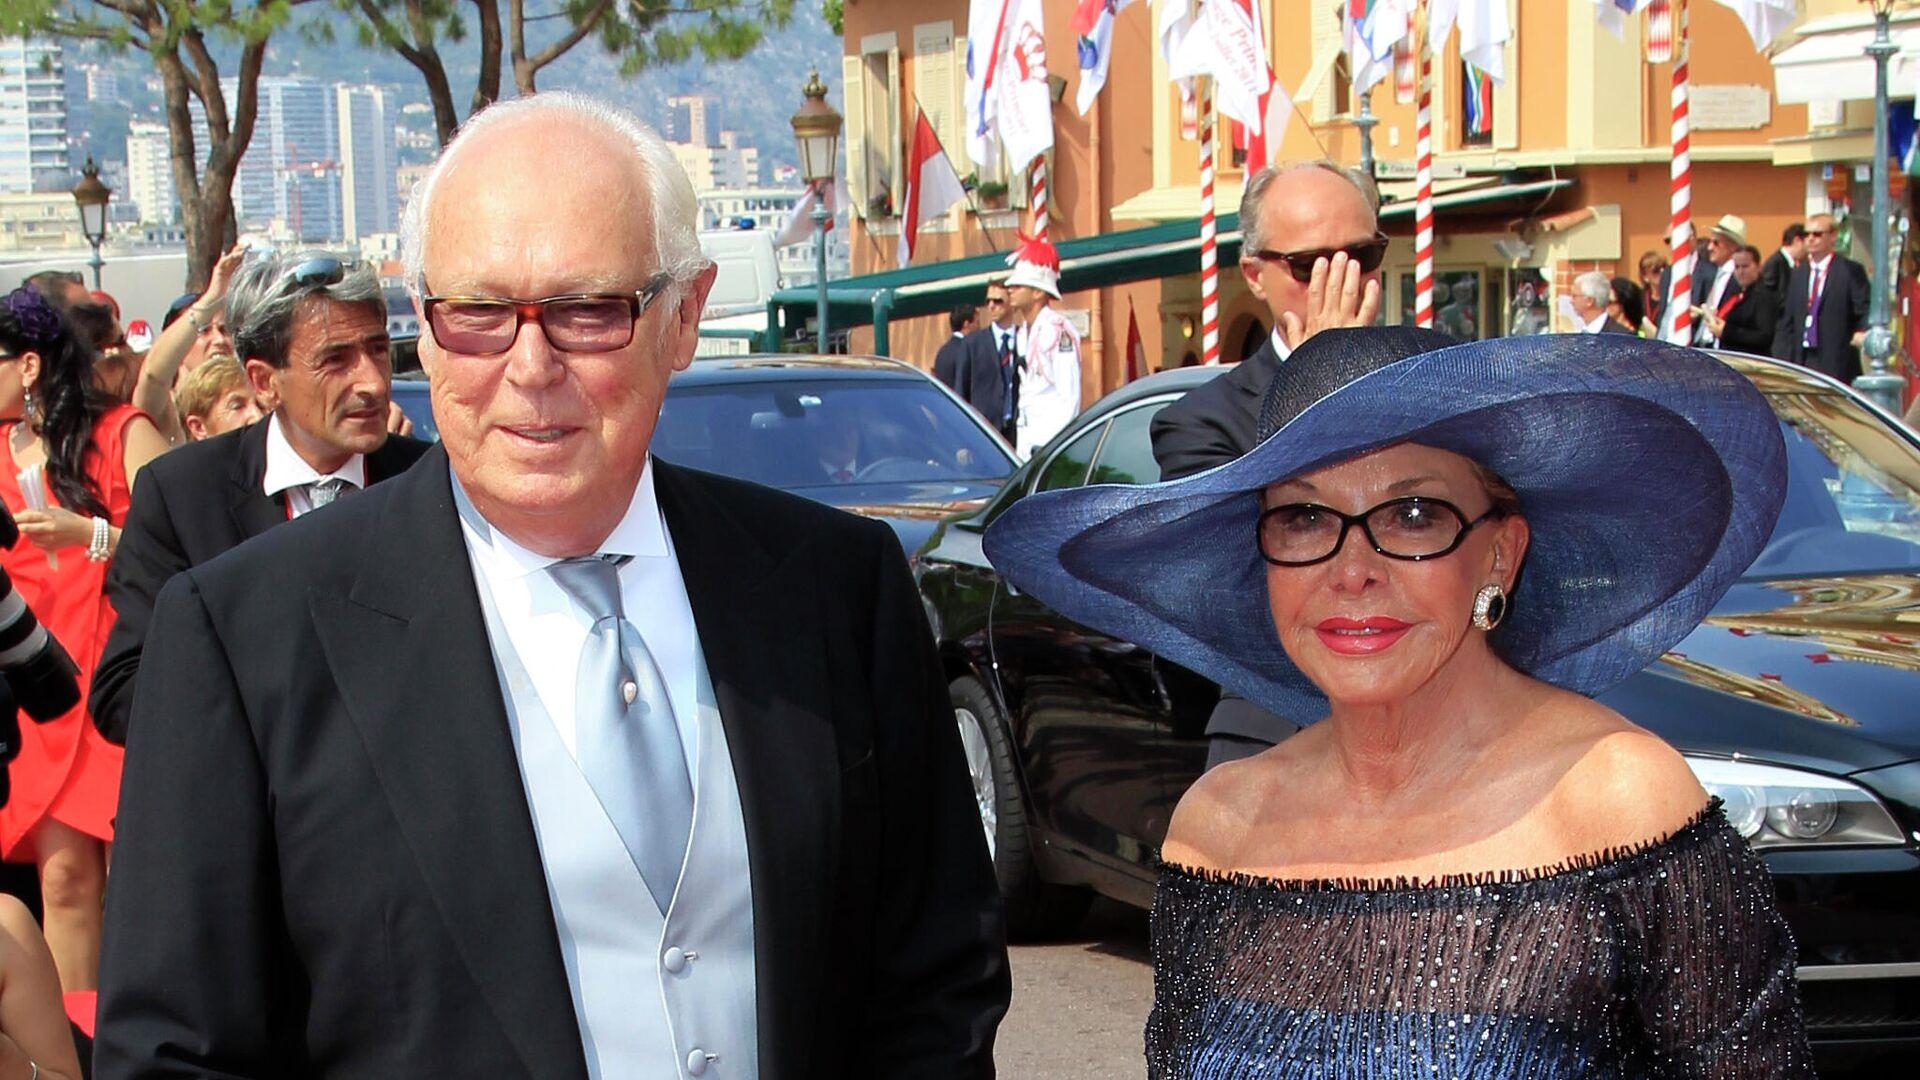 Víctor Manuel de Saboya y su esposa Marina Doria - Sputnik Mundo, 1920, 12.05.2021